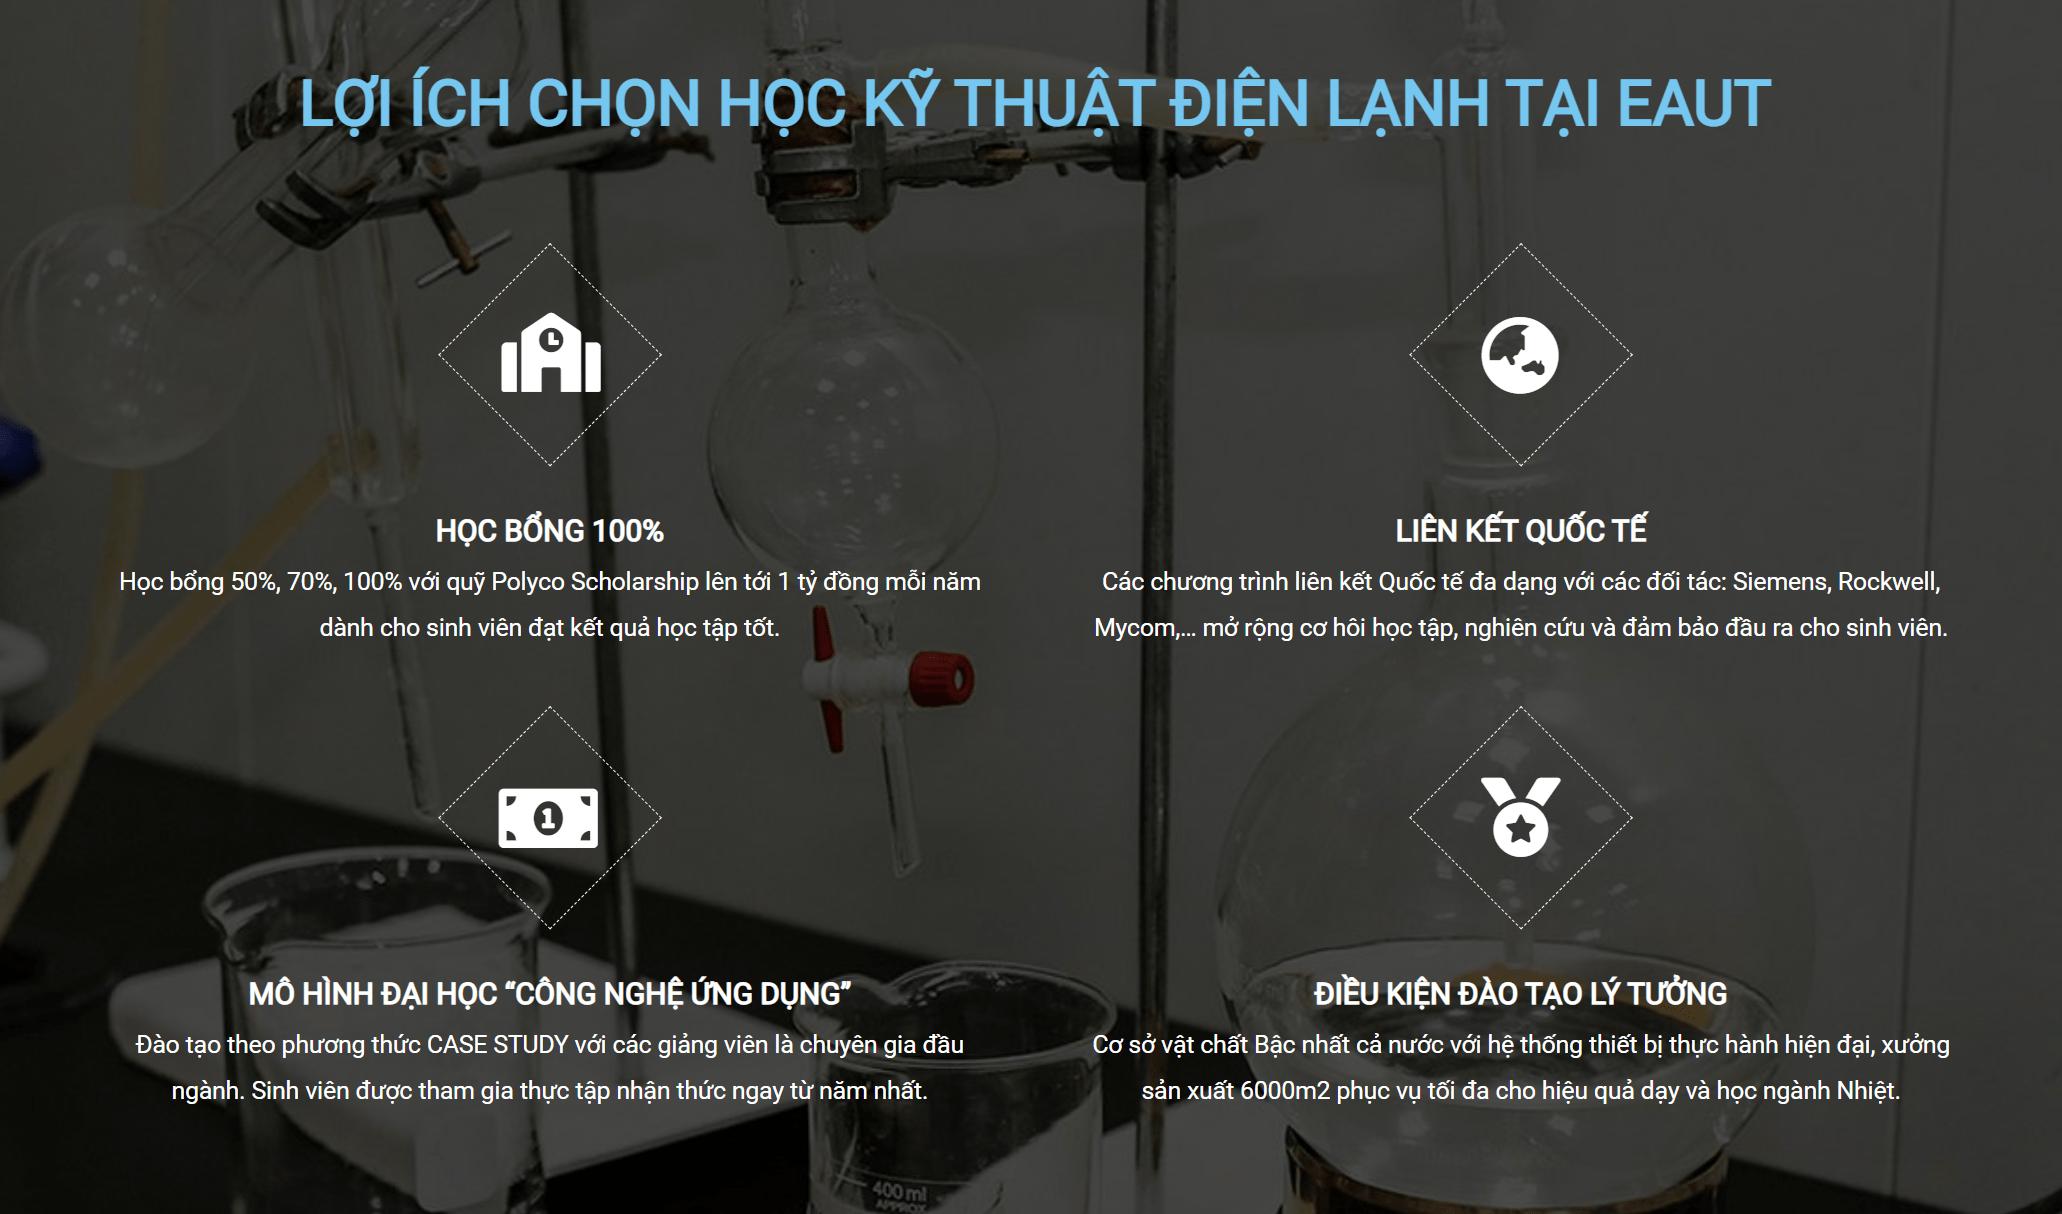 Học Ngành Công nghệ Kỹ thuật nhiệt – Điện lạnh ở Đại học Công nghệ Đông Á